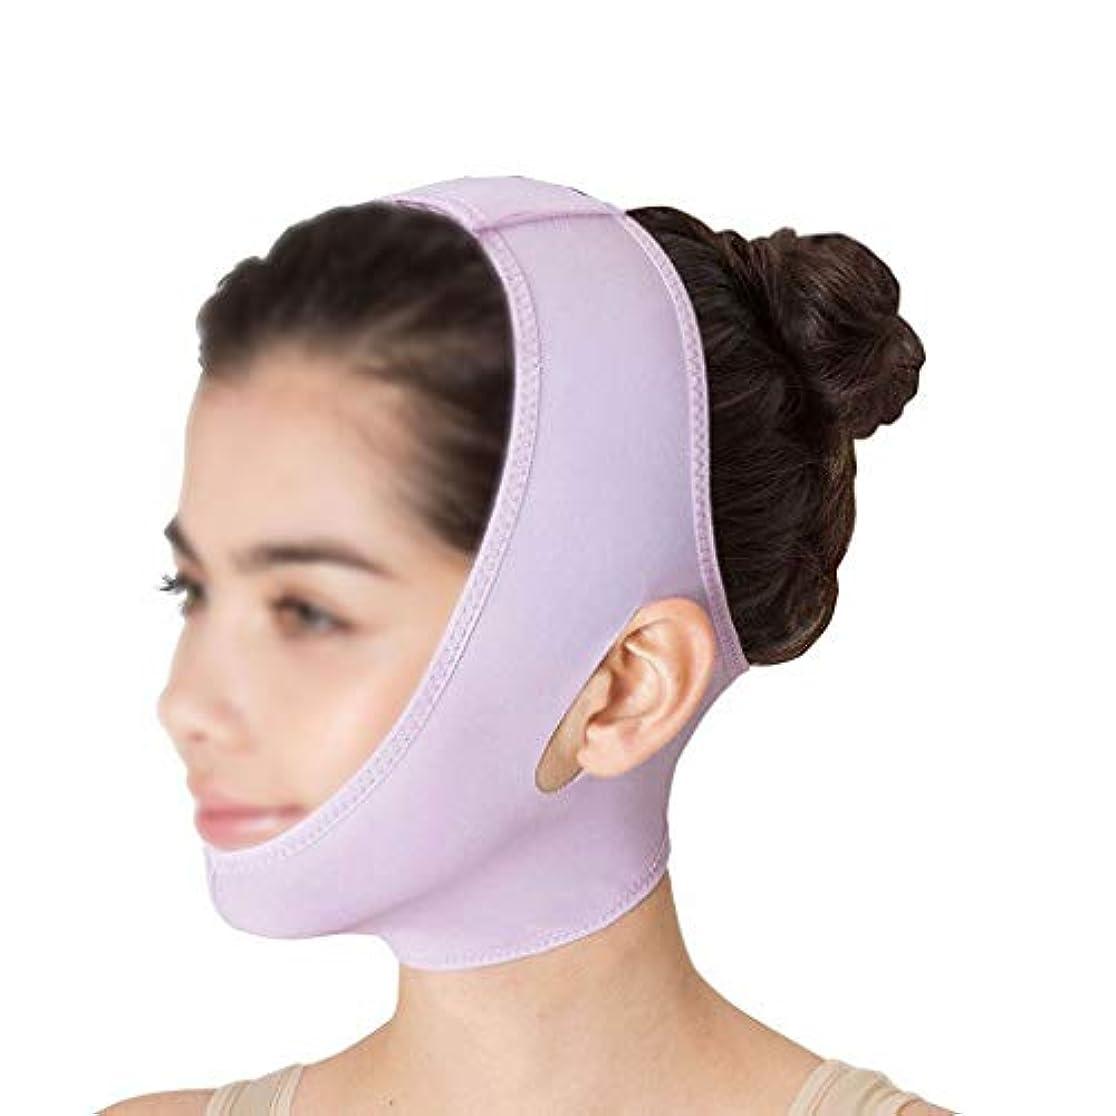 唇敬機械的GLJJQMY 薄いマスク通気性ビーム面薄い二重あごは、小さなV面を作成するために頬睡眠マスクを防ぎます 顔用整形マスク